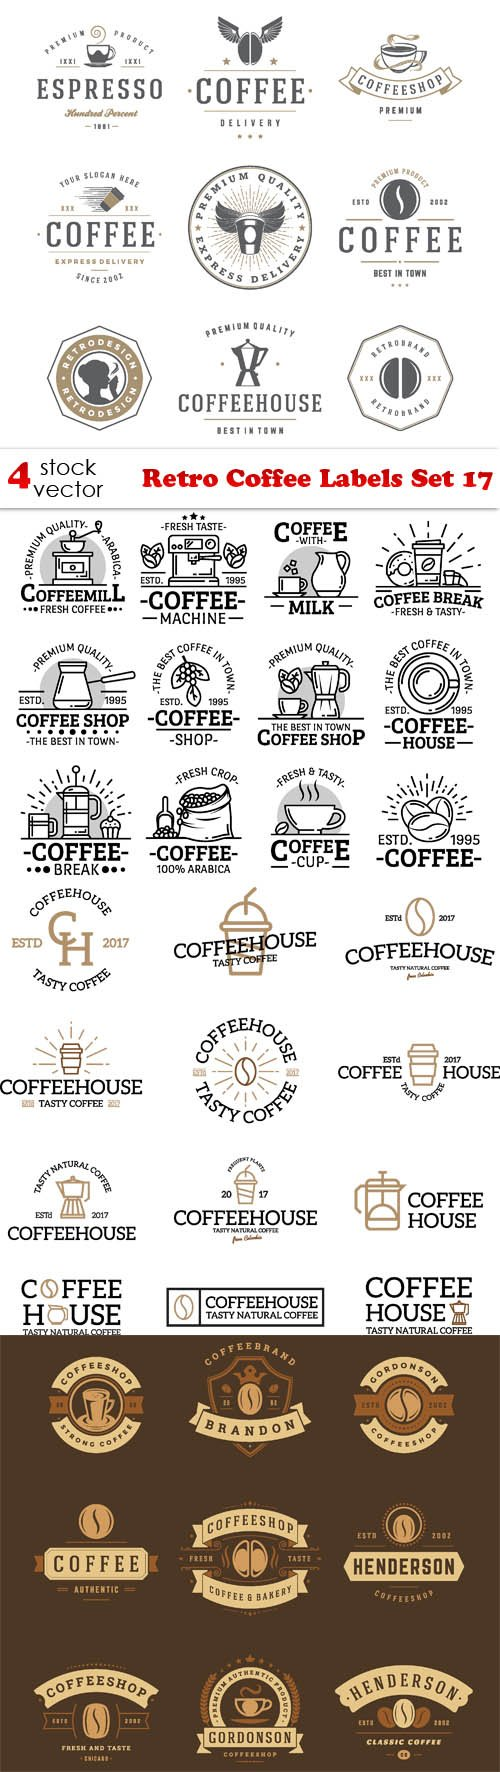 Vectors - Retro Coffee Labels Set 17